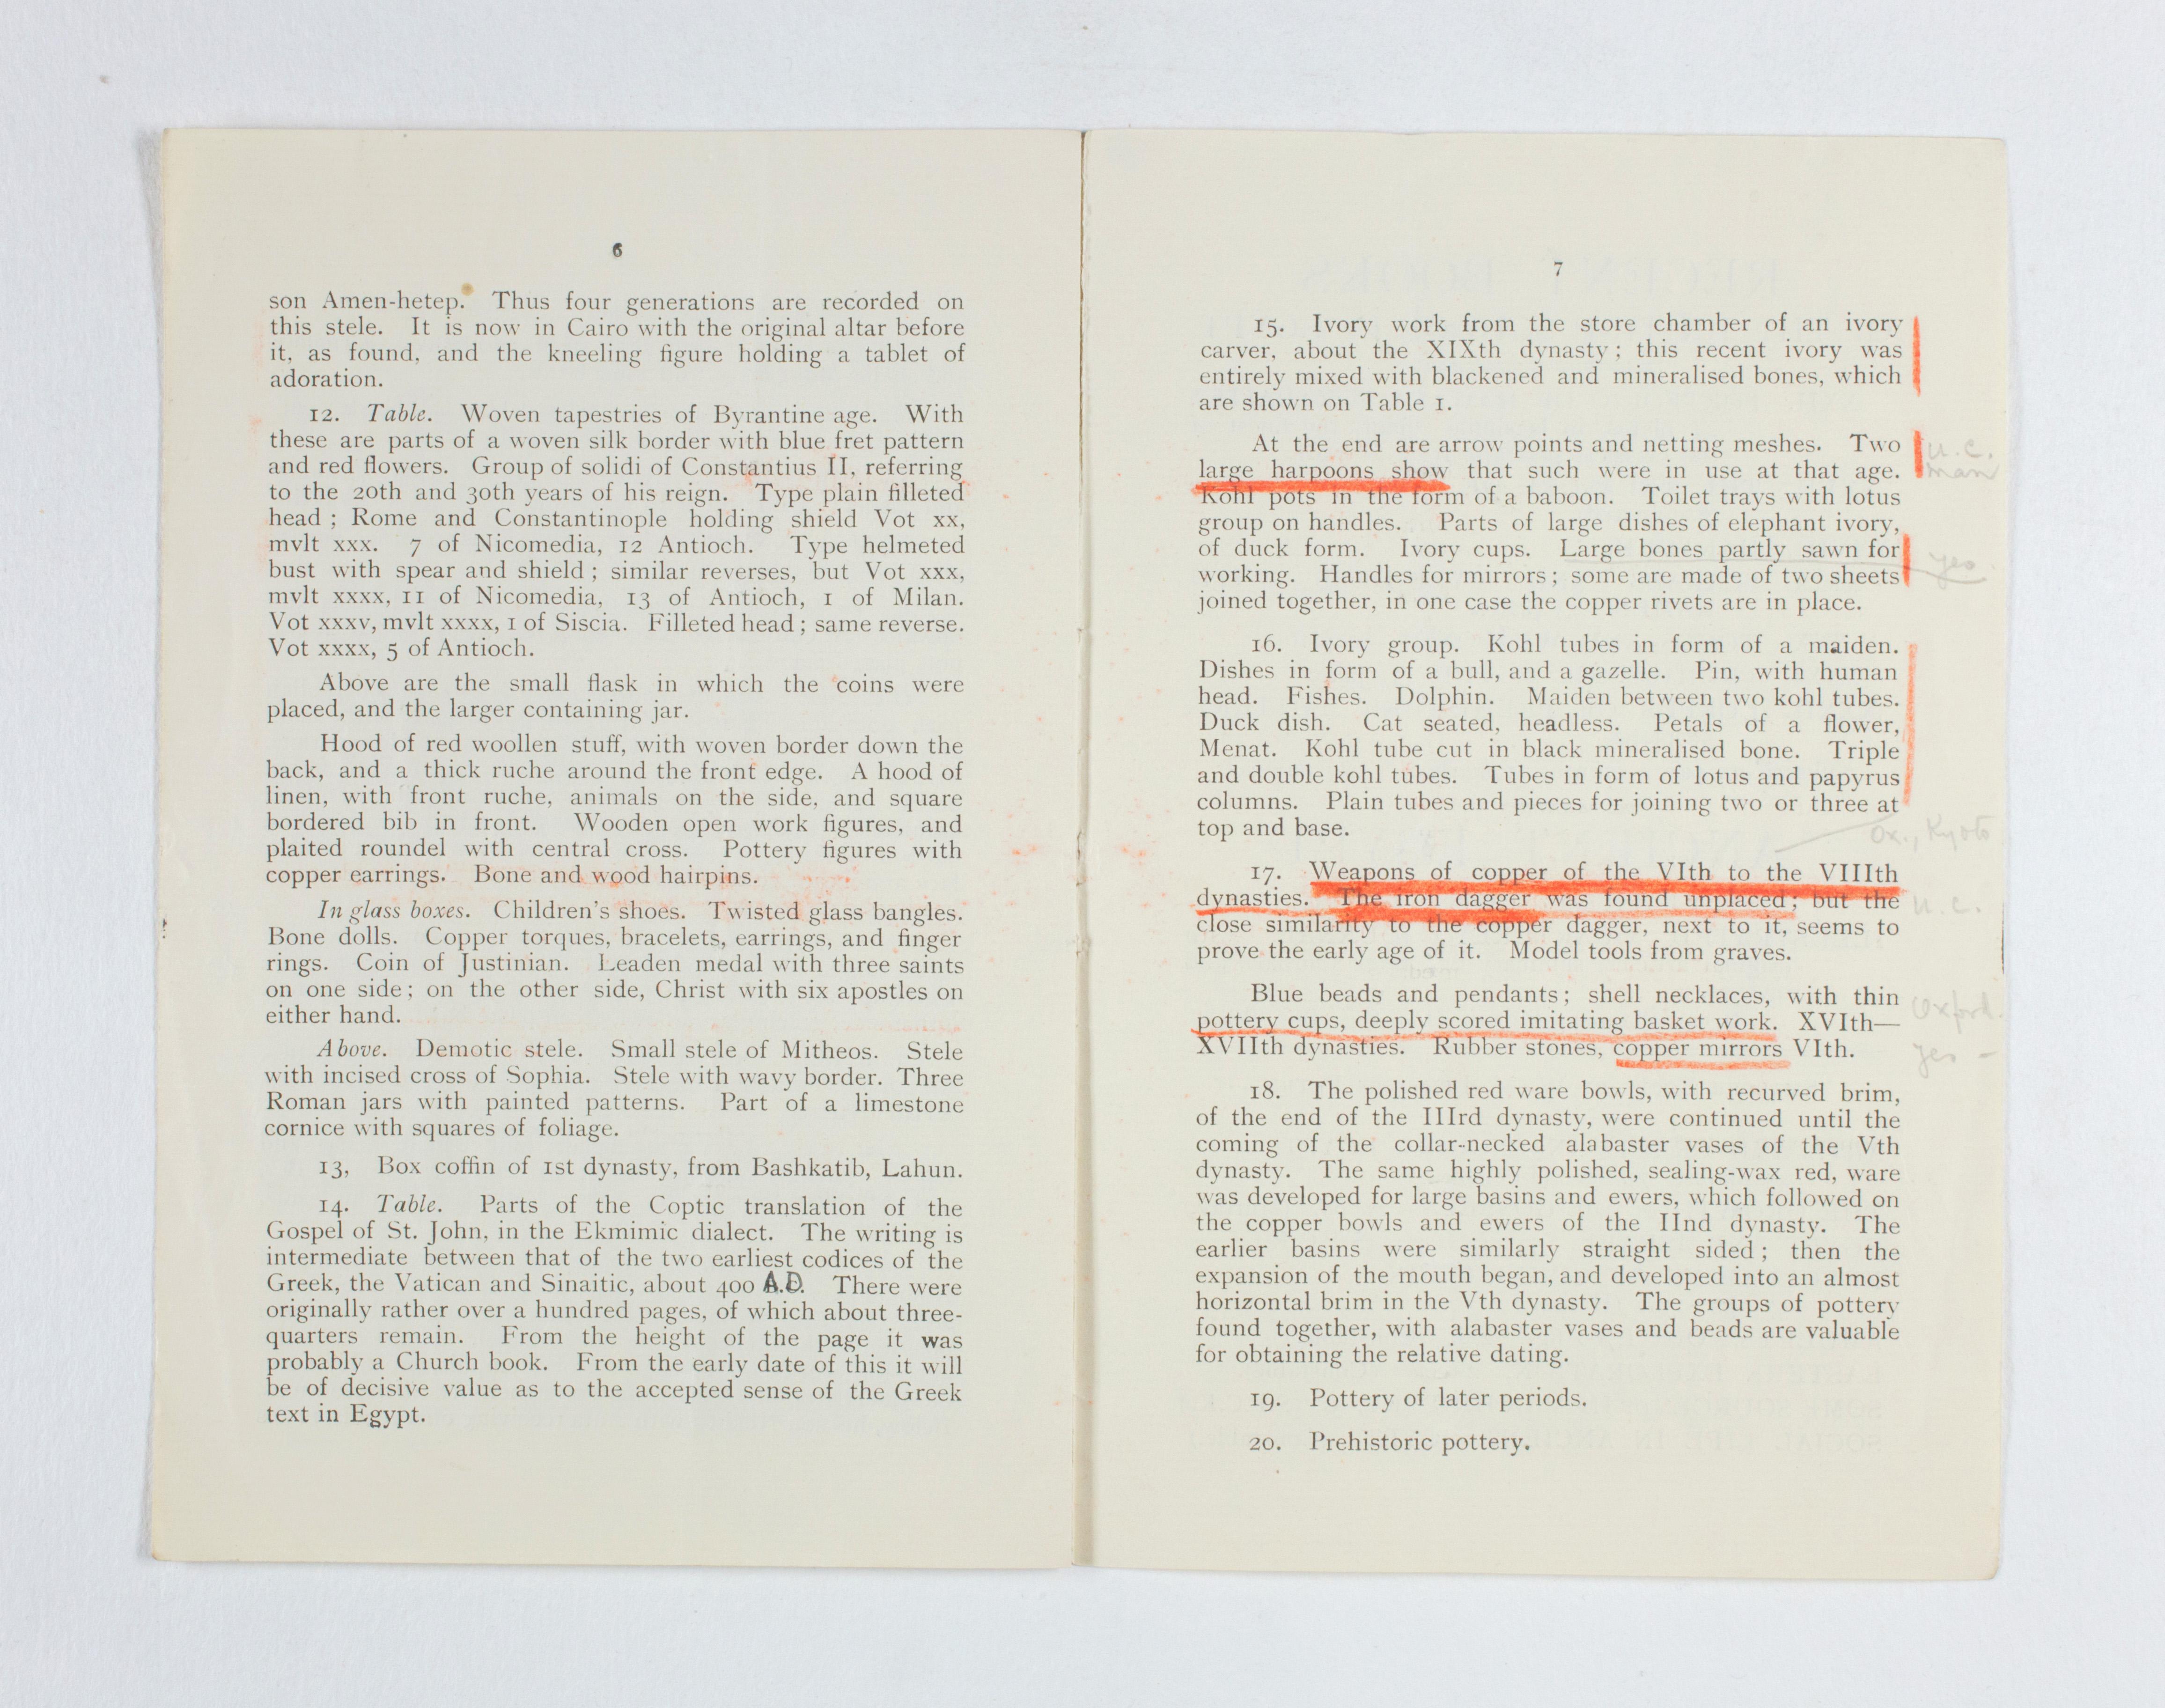 1922-23 Qau el-Kebir Exhibition catalogue PMA/WFP1/D/26/30.6